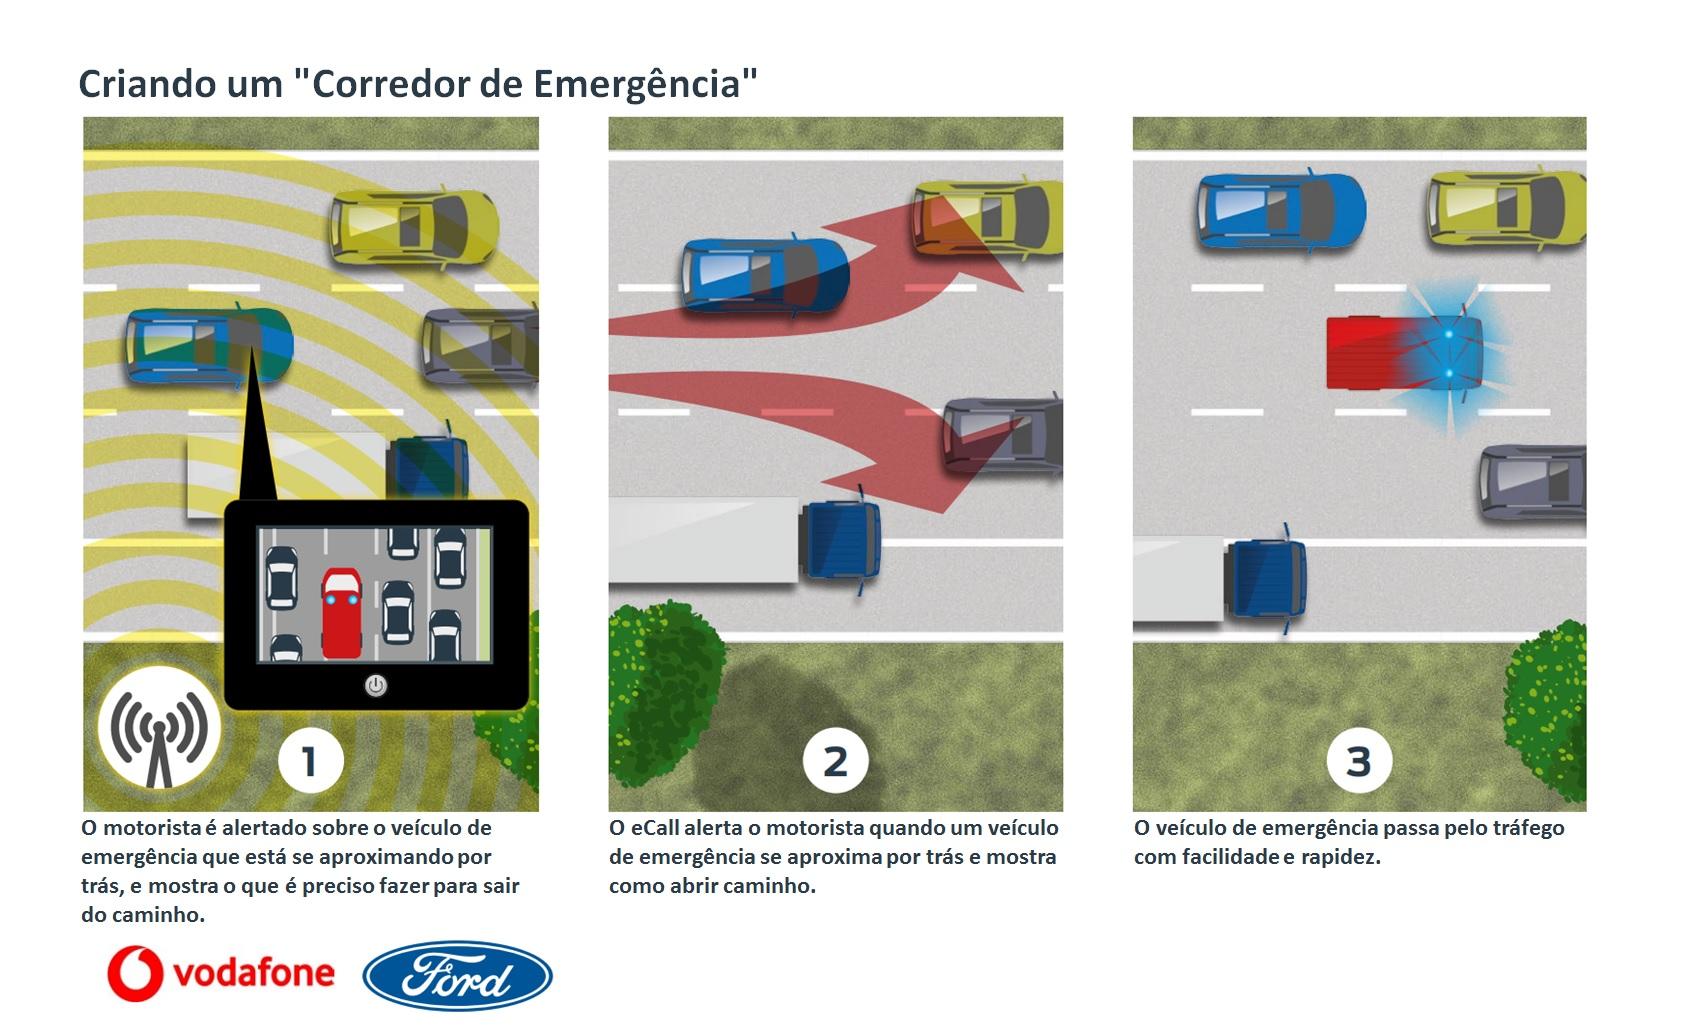 tecnologia cria corredor de emergência vítimas acidentes trânsito